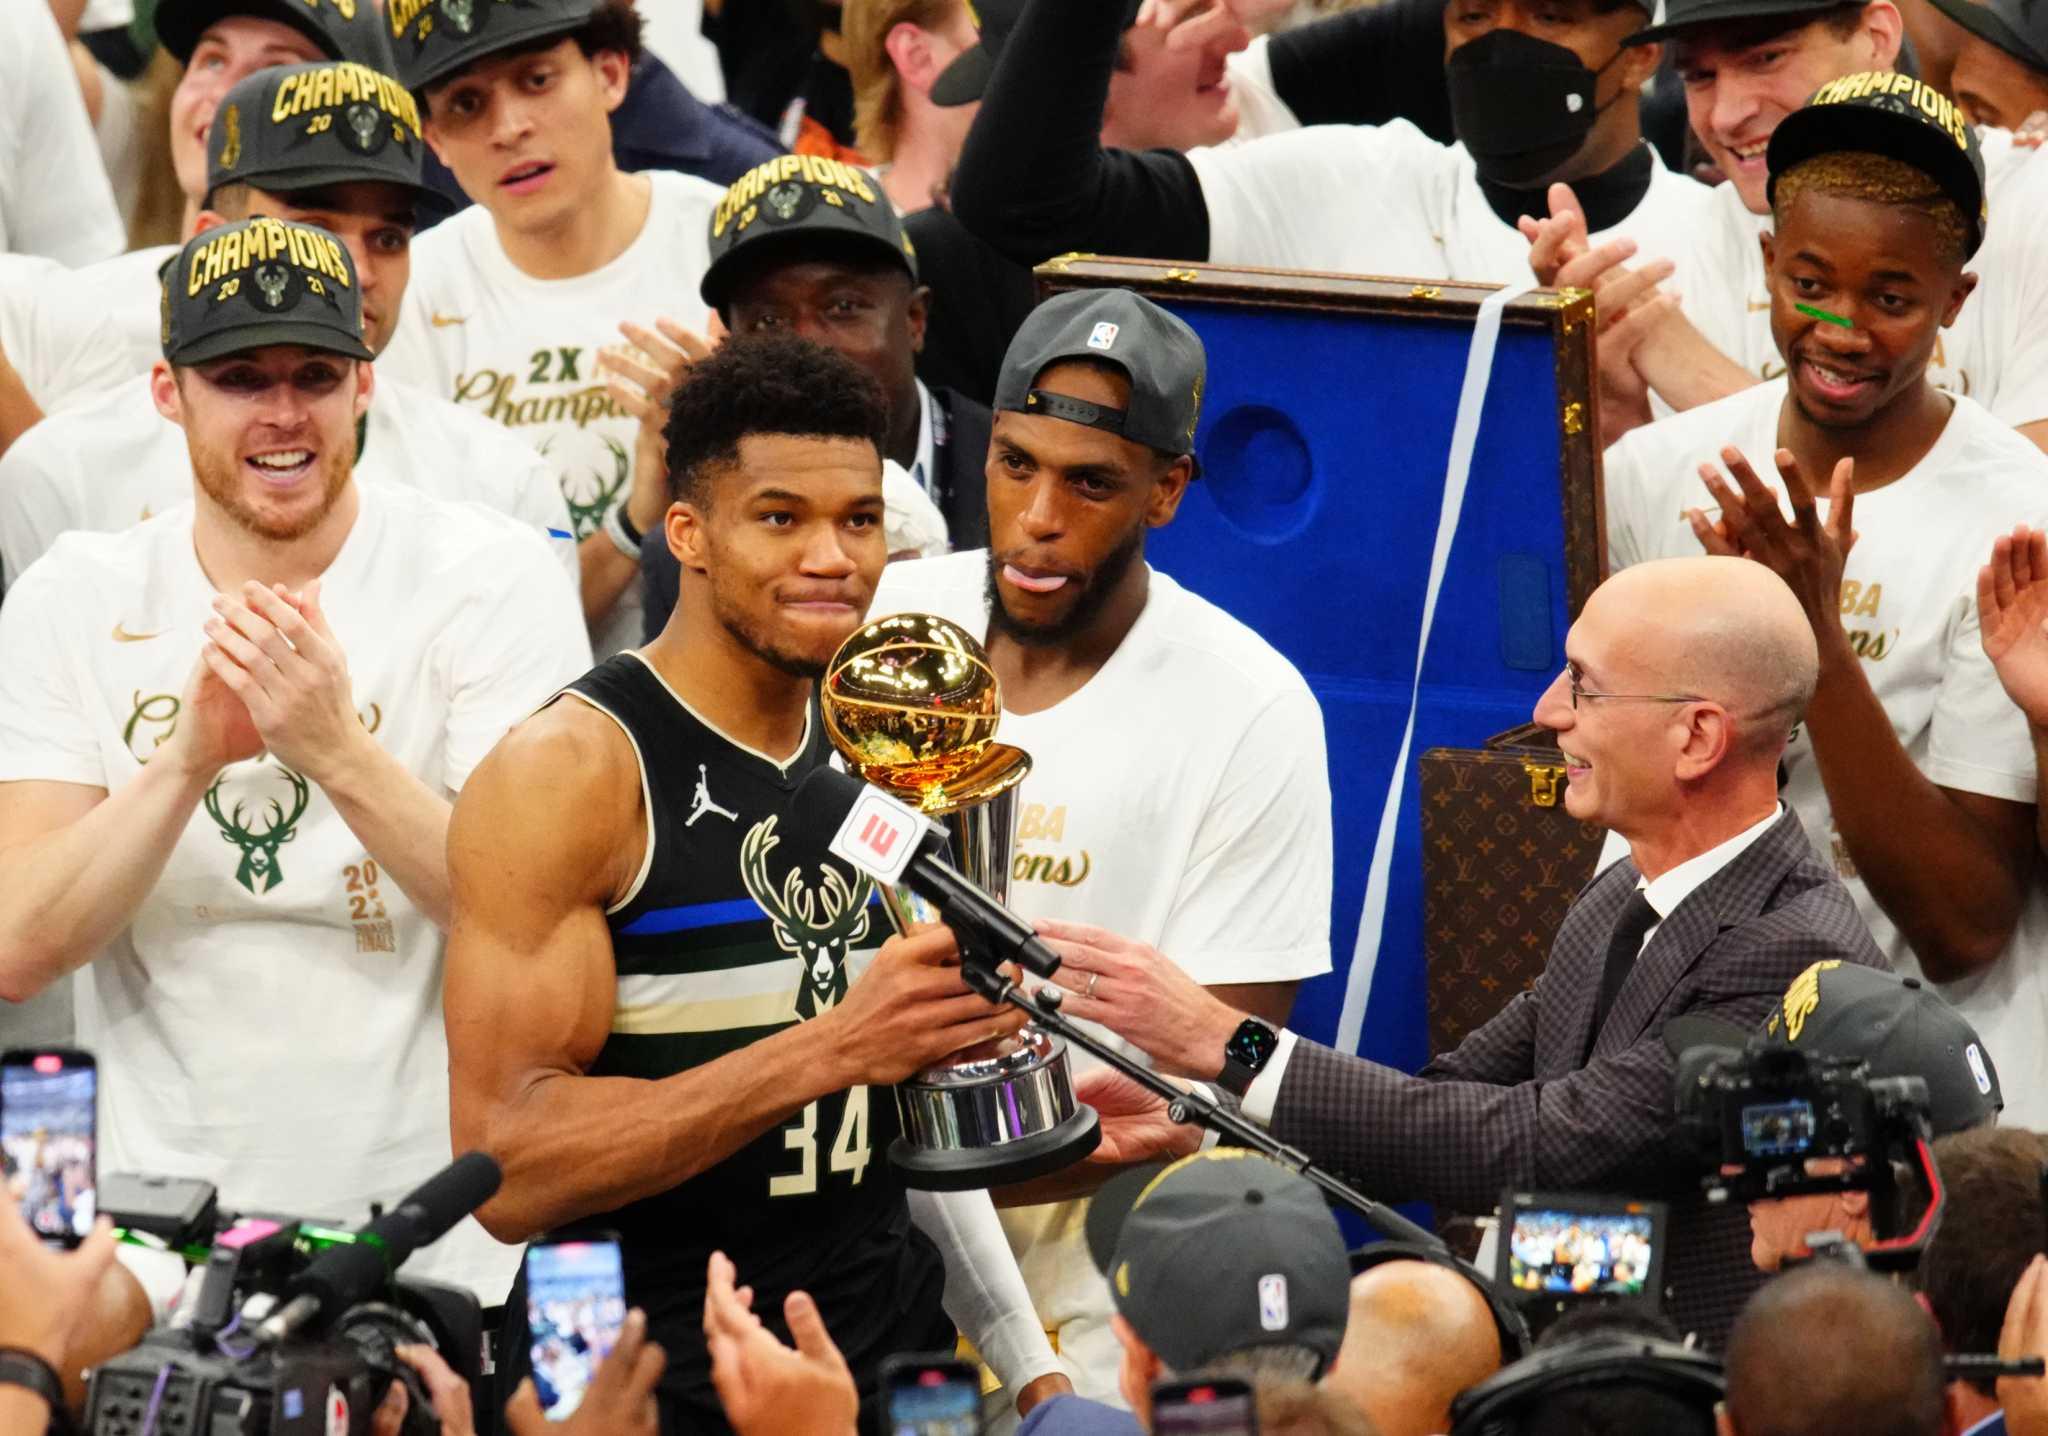 Ο Γιάννης Αντετοκούνμπο αναδείχθηκε MVP των τελικών του ΝΒΑ